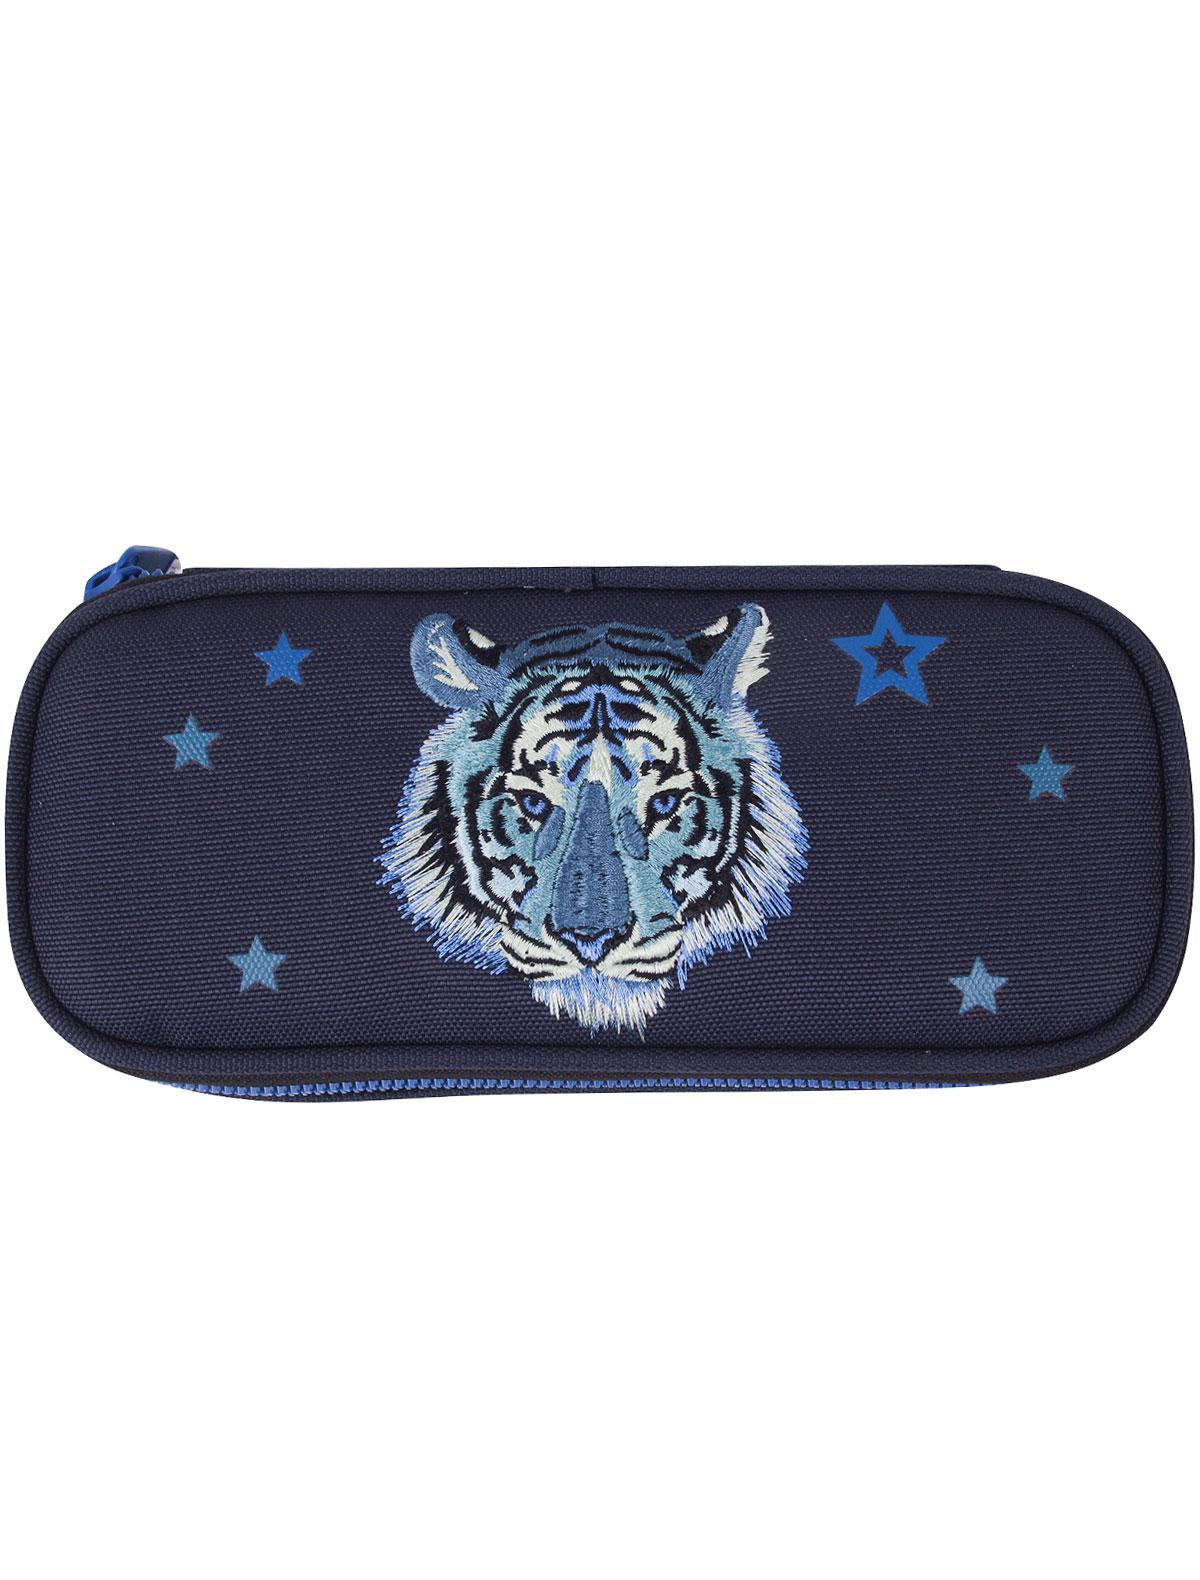 Купить 2222030, Пенал Jeune Premier, синий, Мужской, 1684518070060